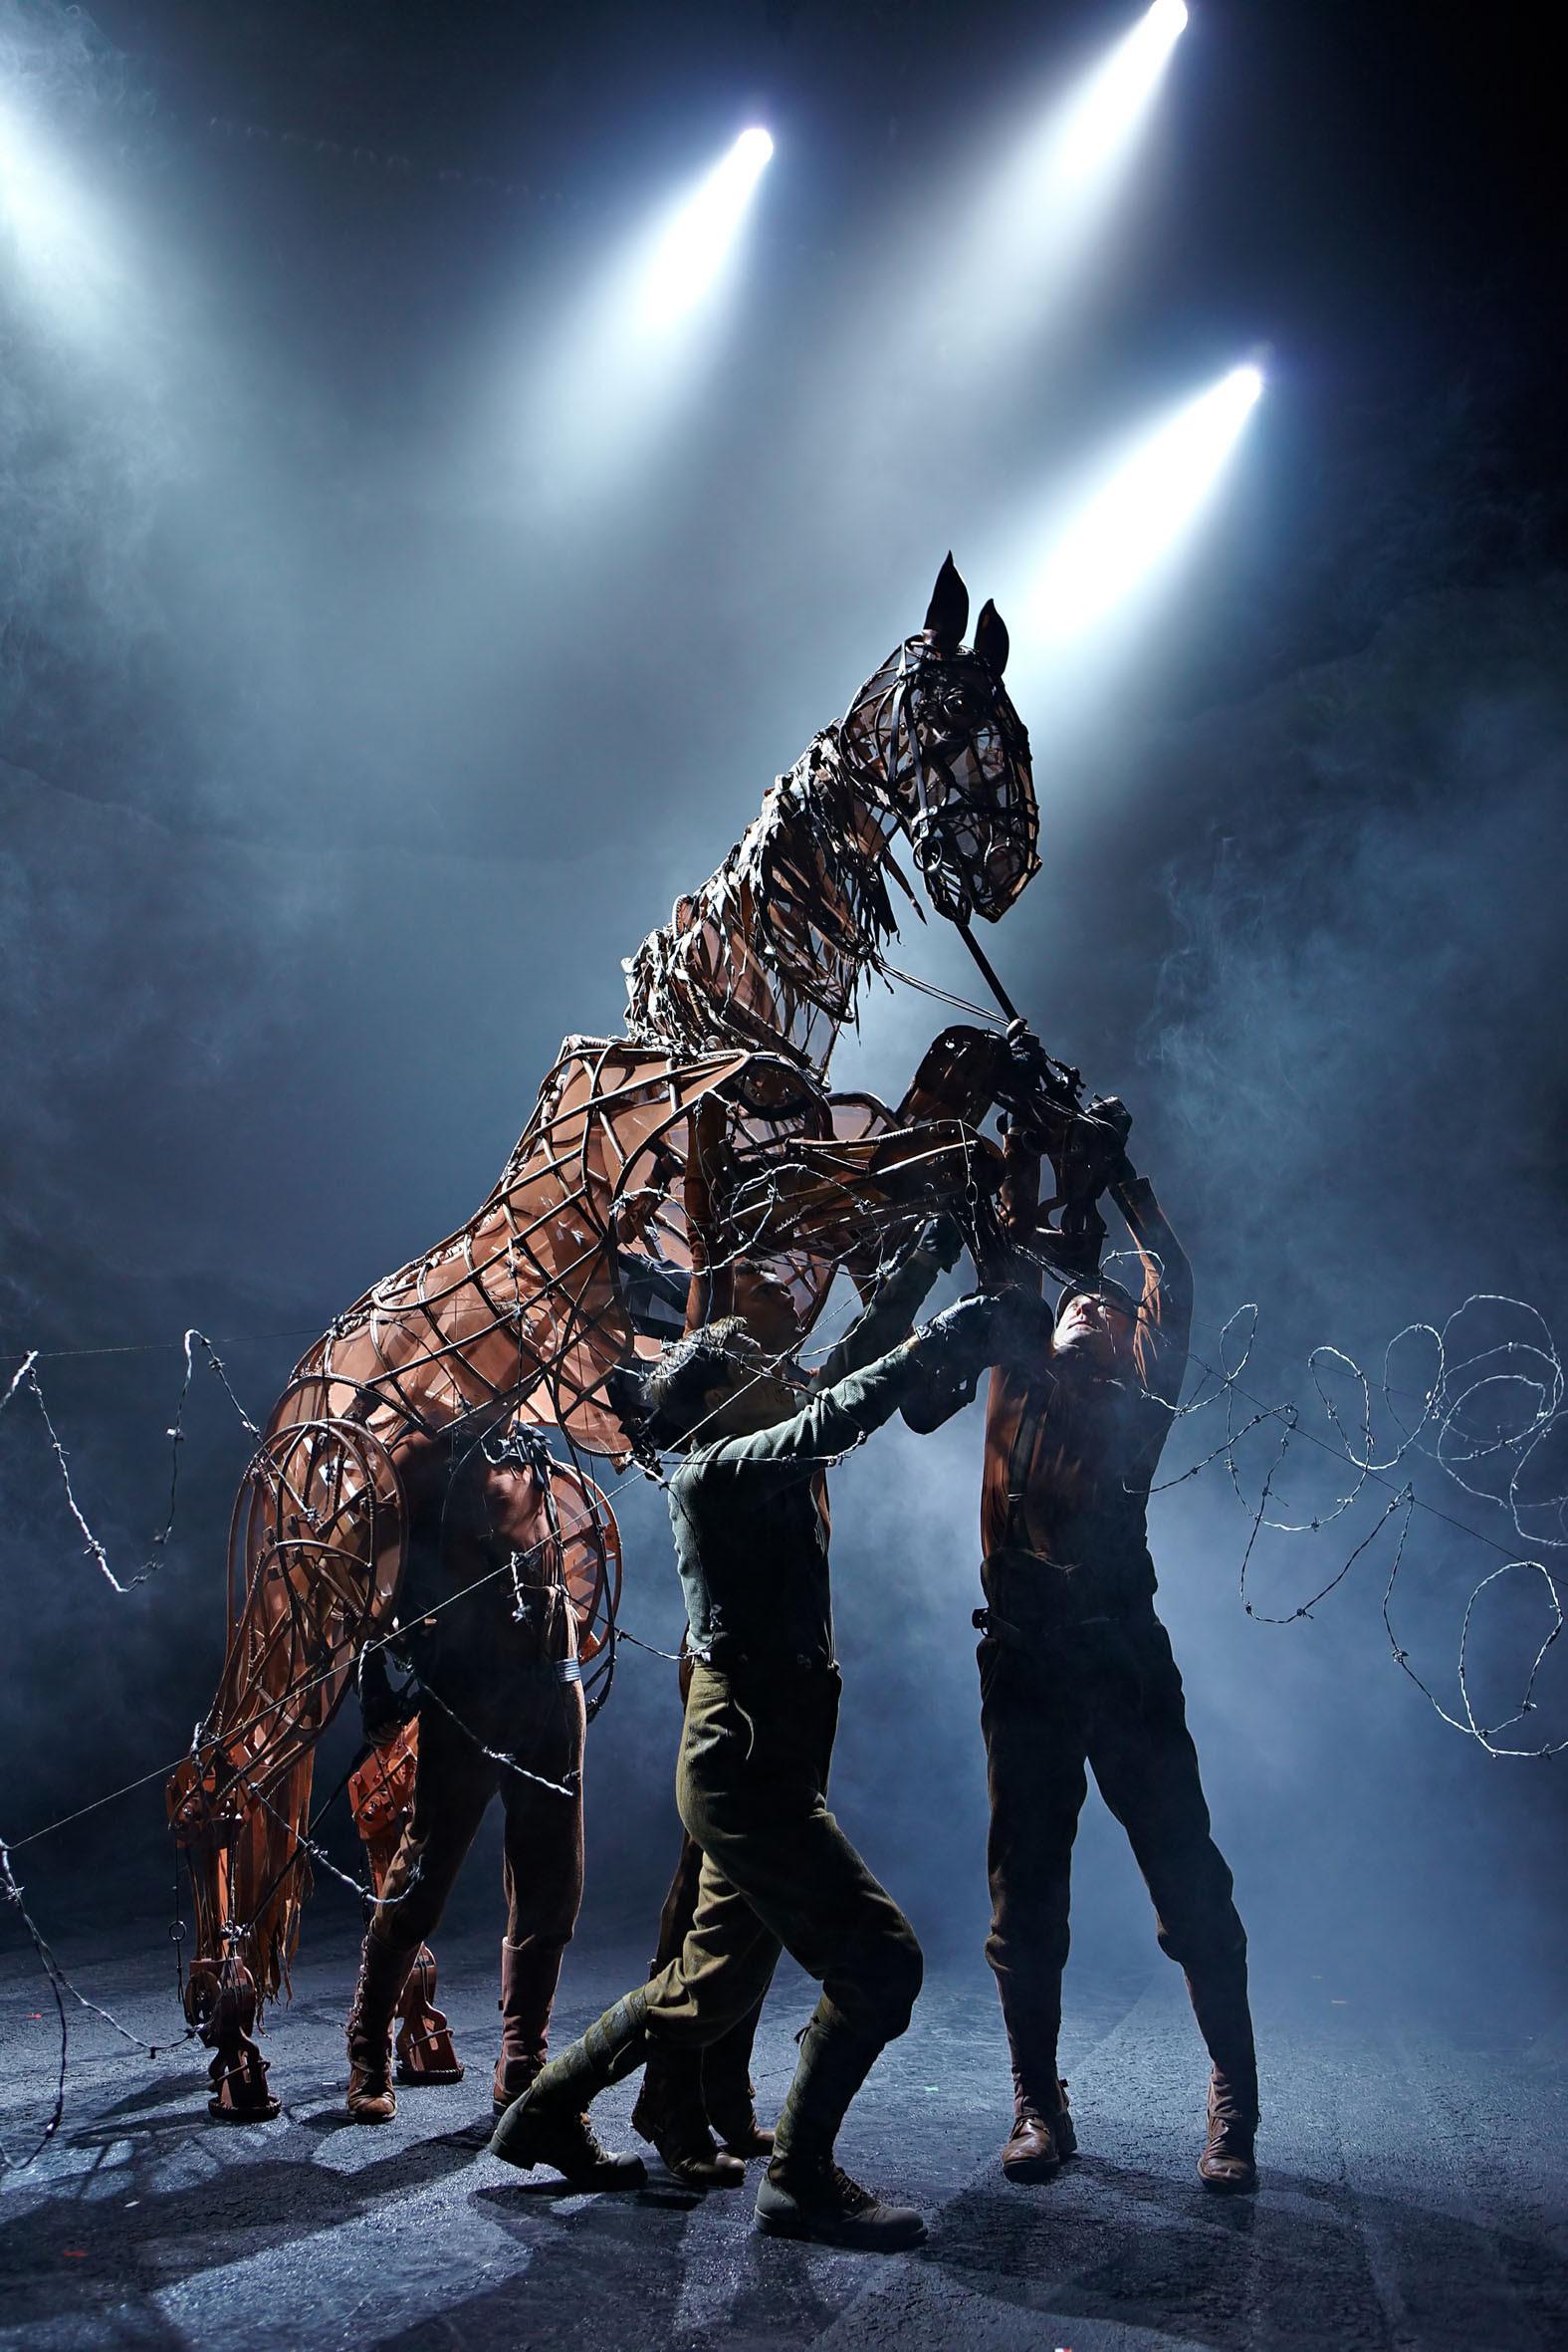 『戦火の馬』© Brinkohff Mogenburg